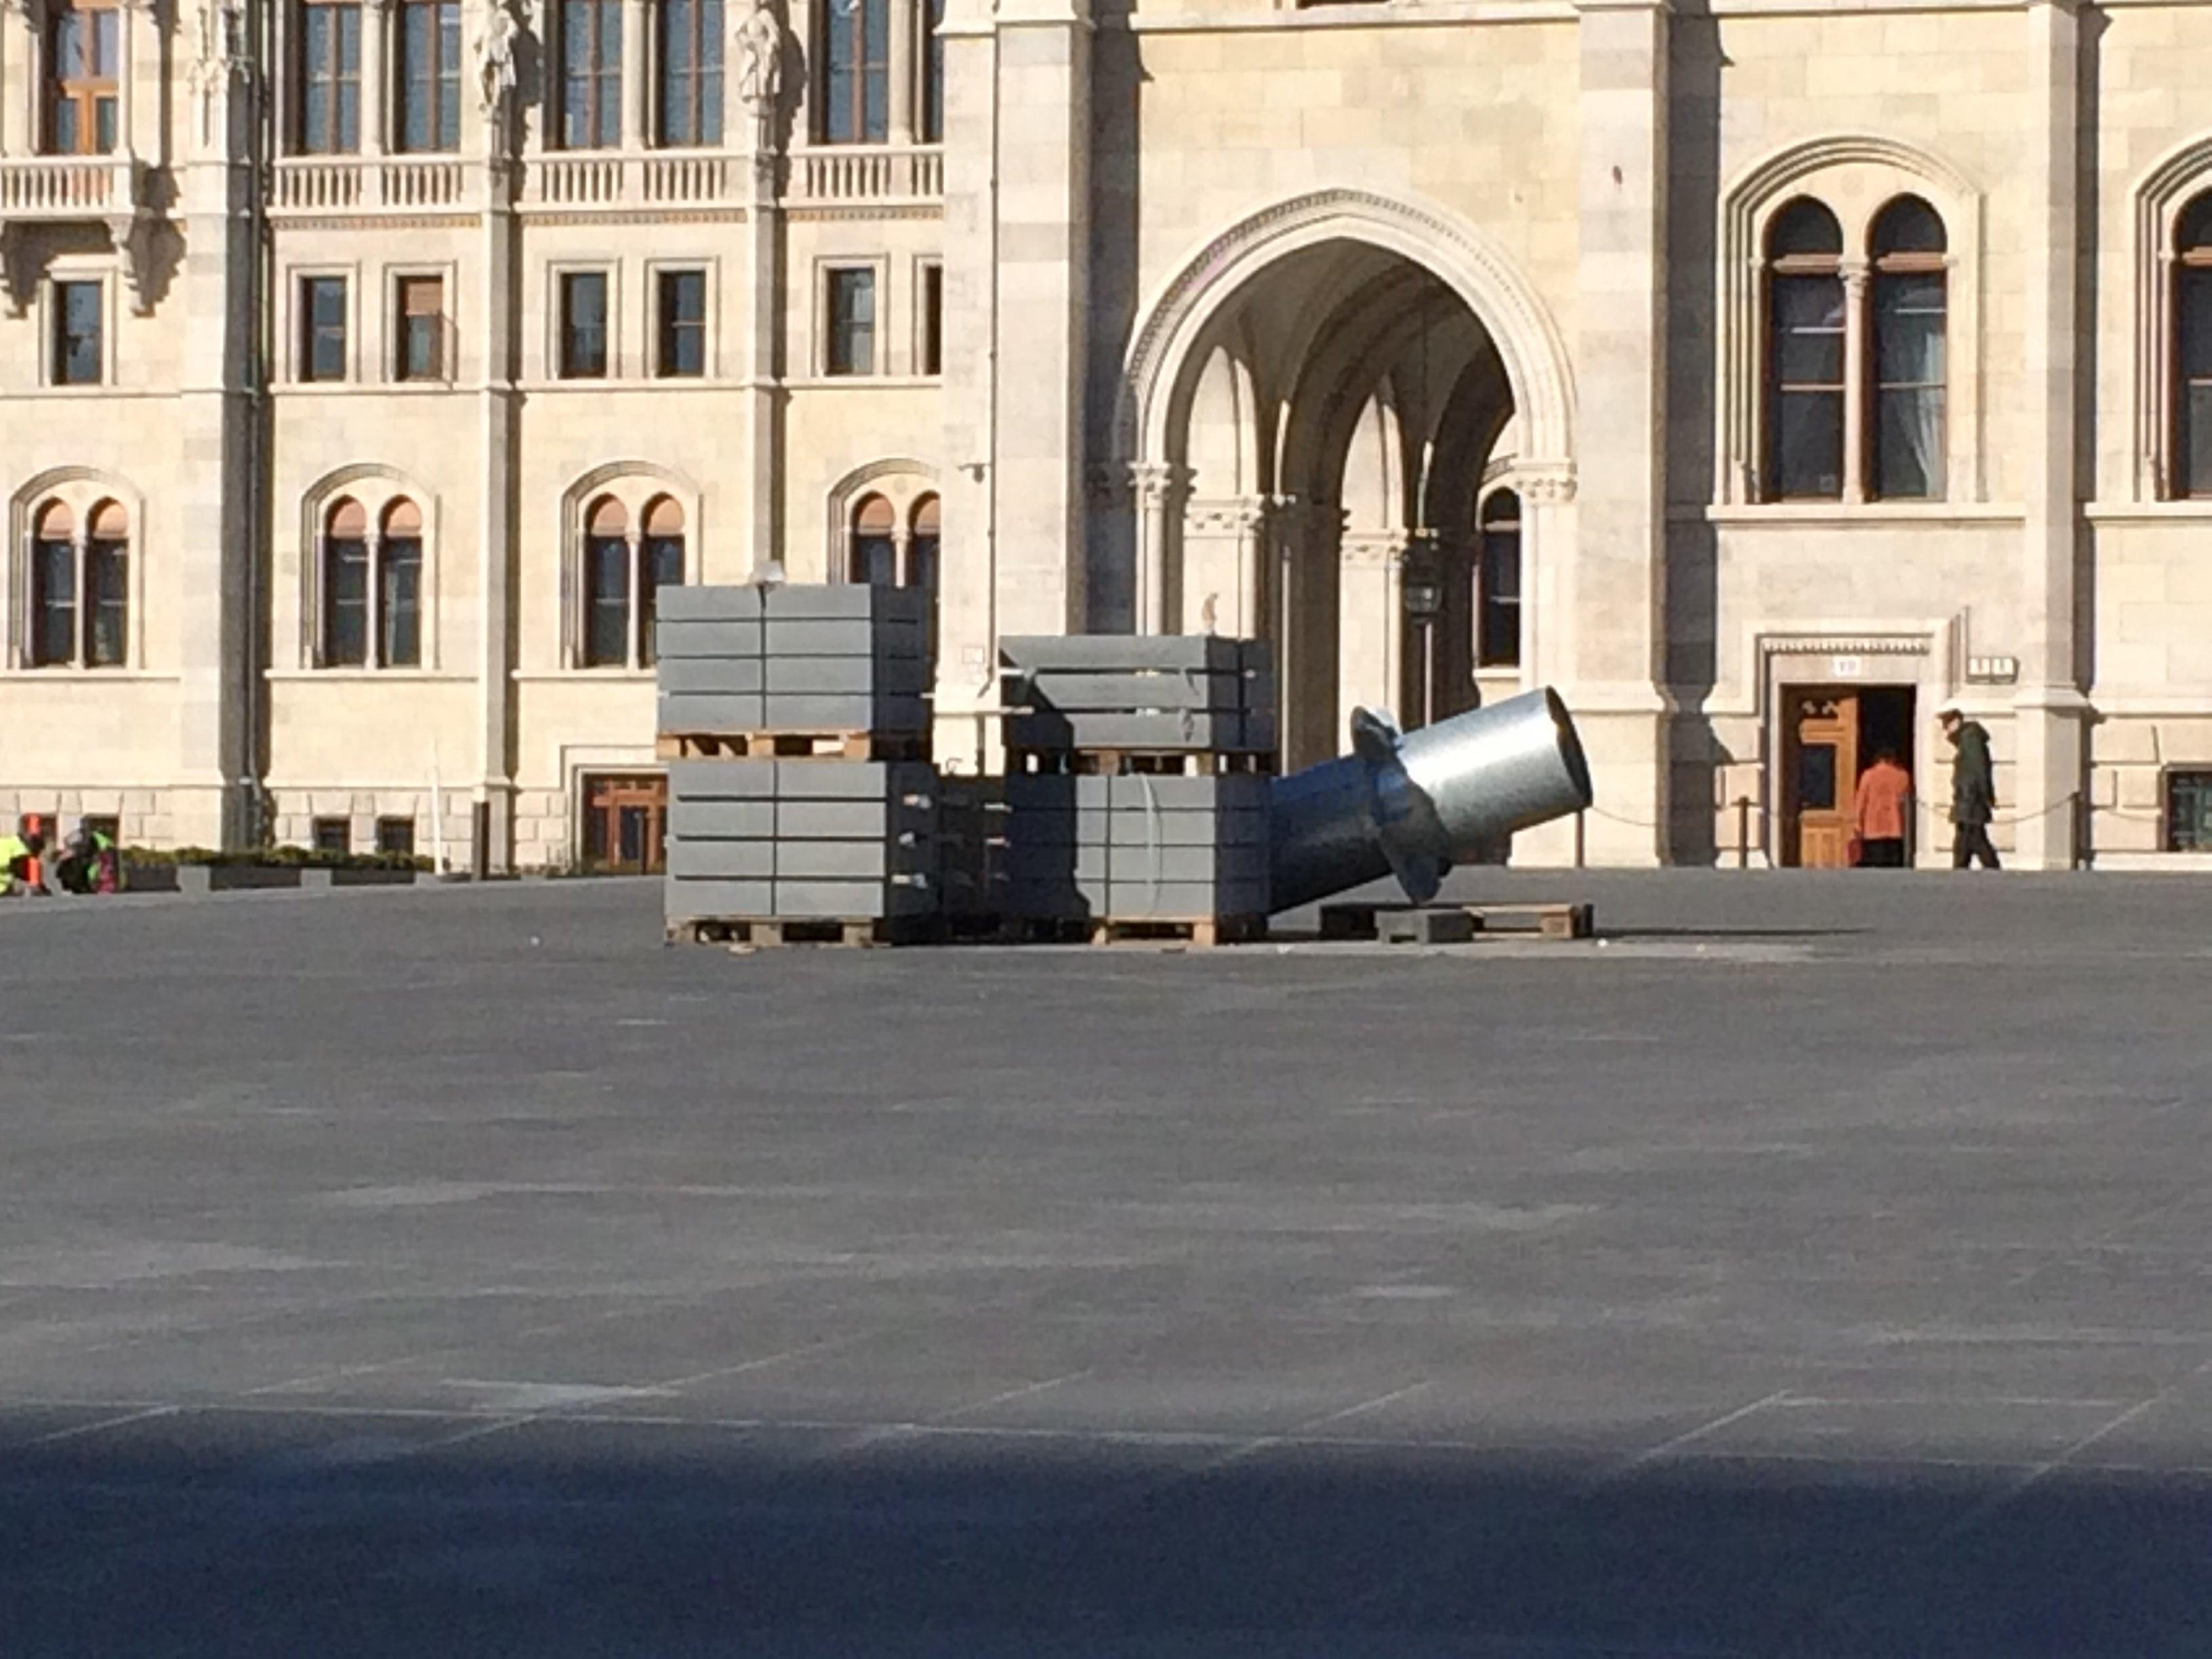 Szerinted mi ez a bizarr dolog a Kossuth tér közepén?